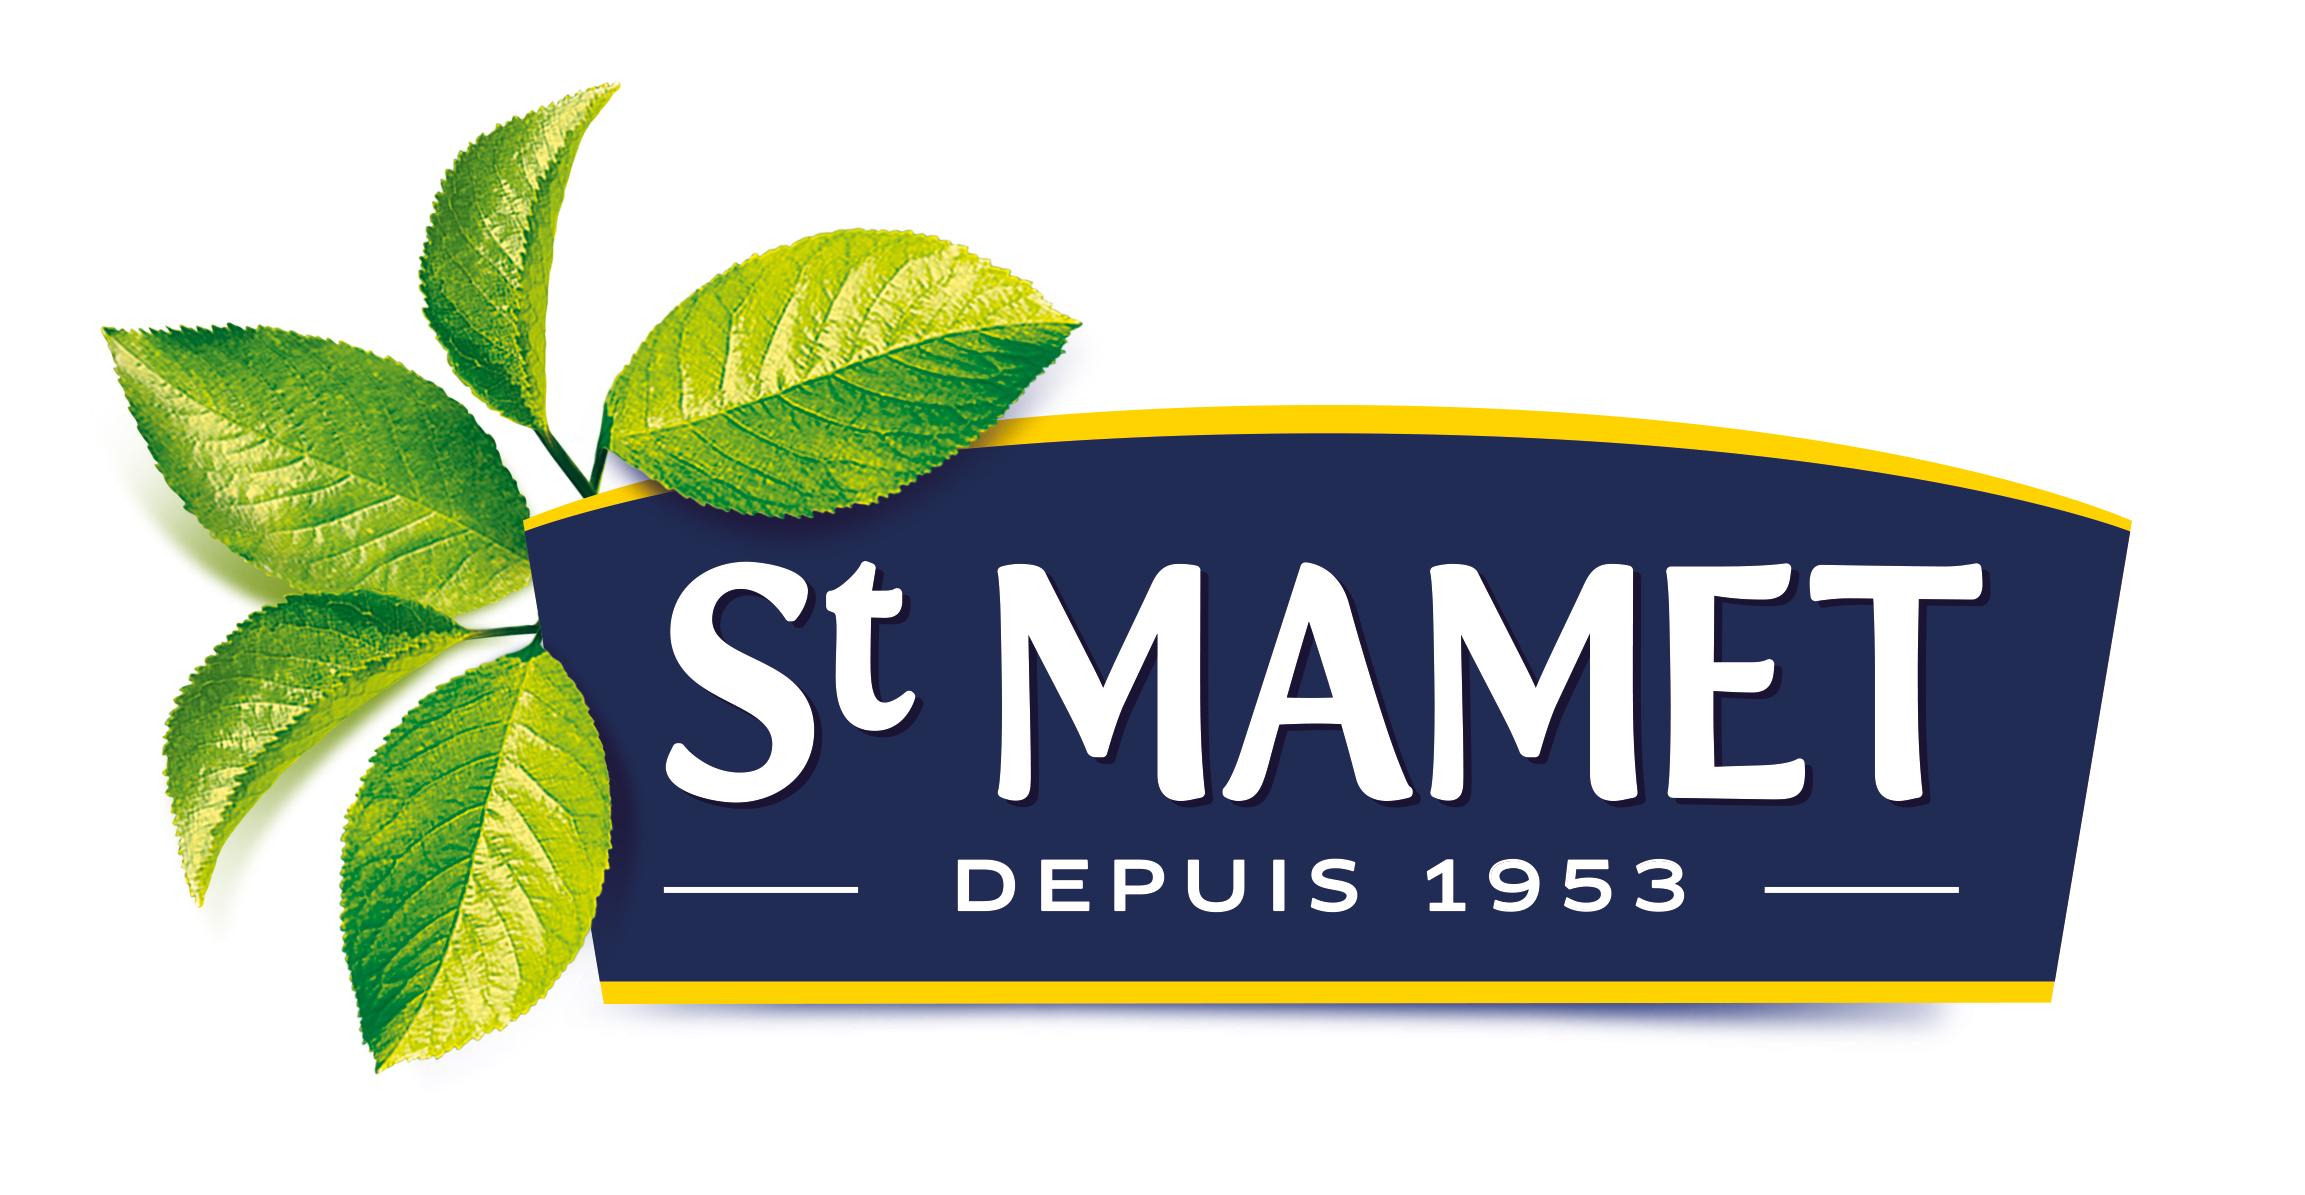 St. Mamet